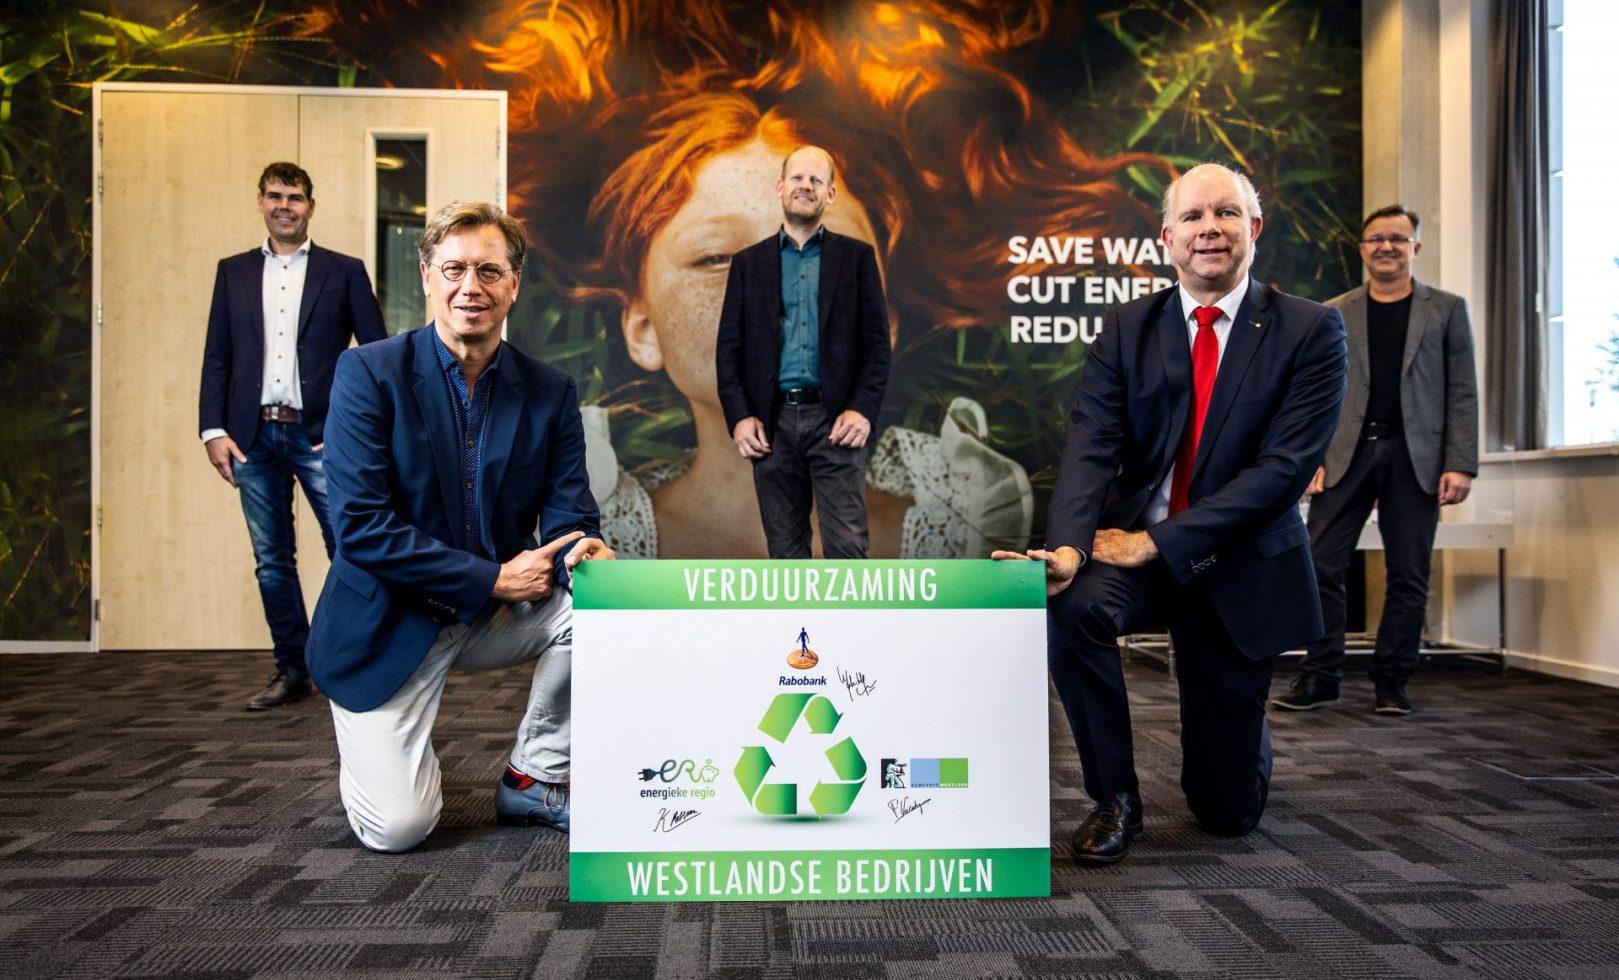 Rabobank en Gemeente Westland bieden bedrijven unieke kans op verduurzaming